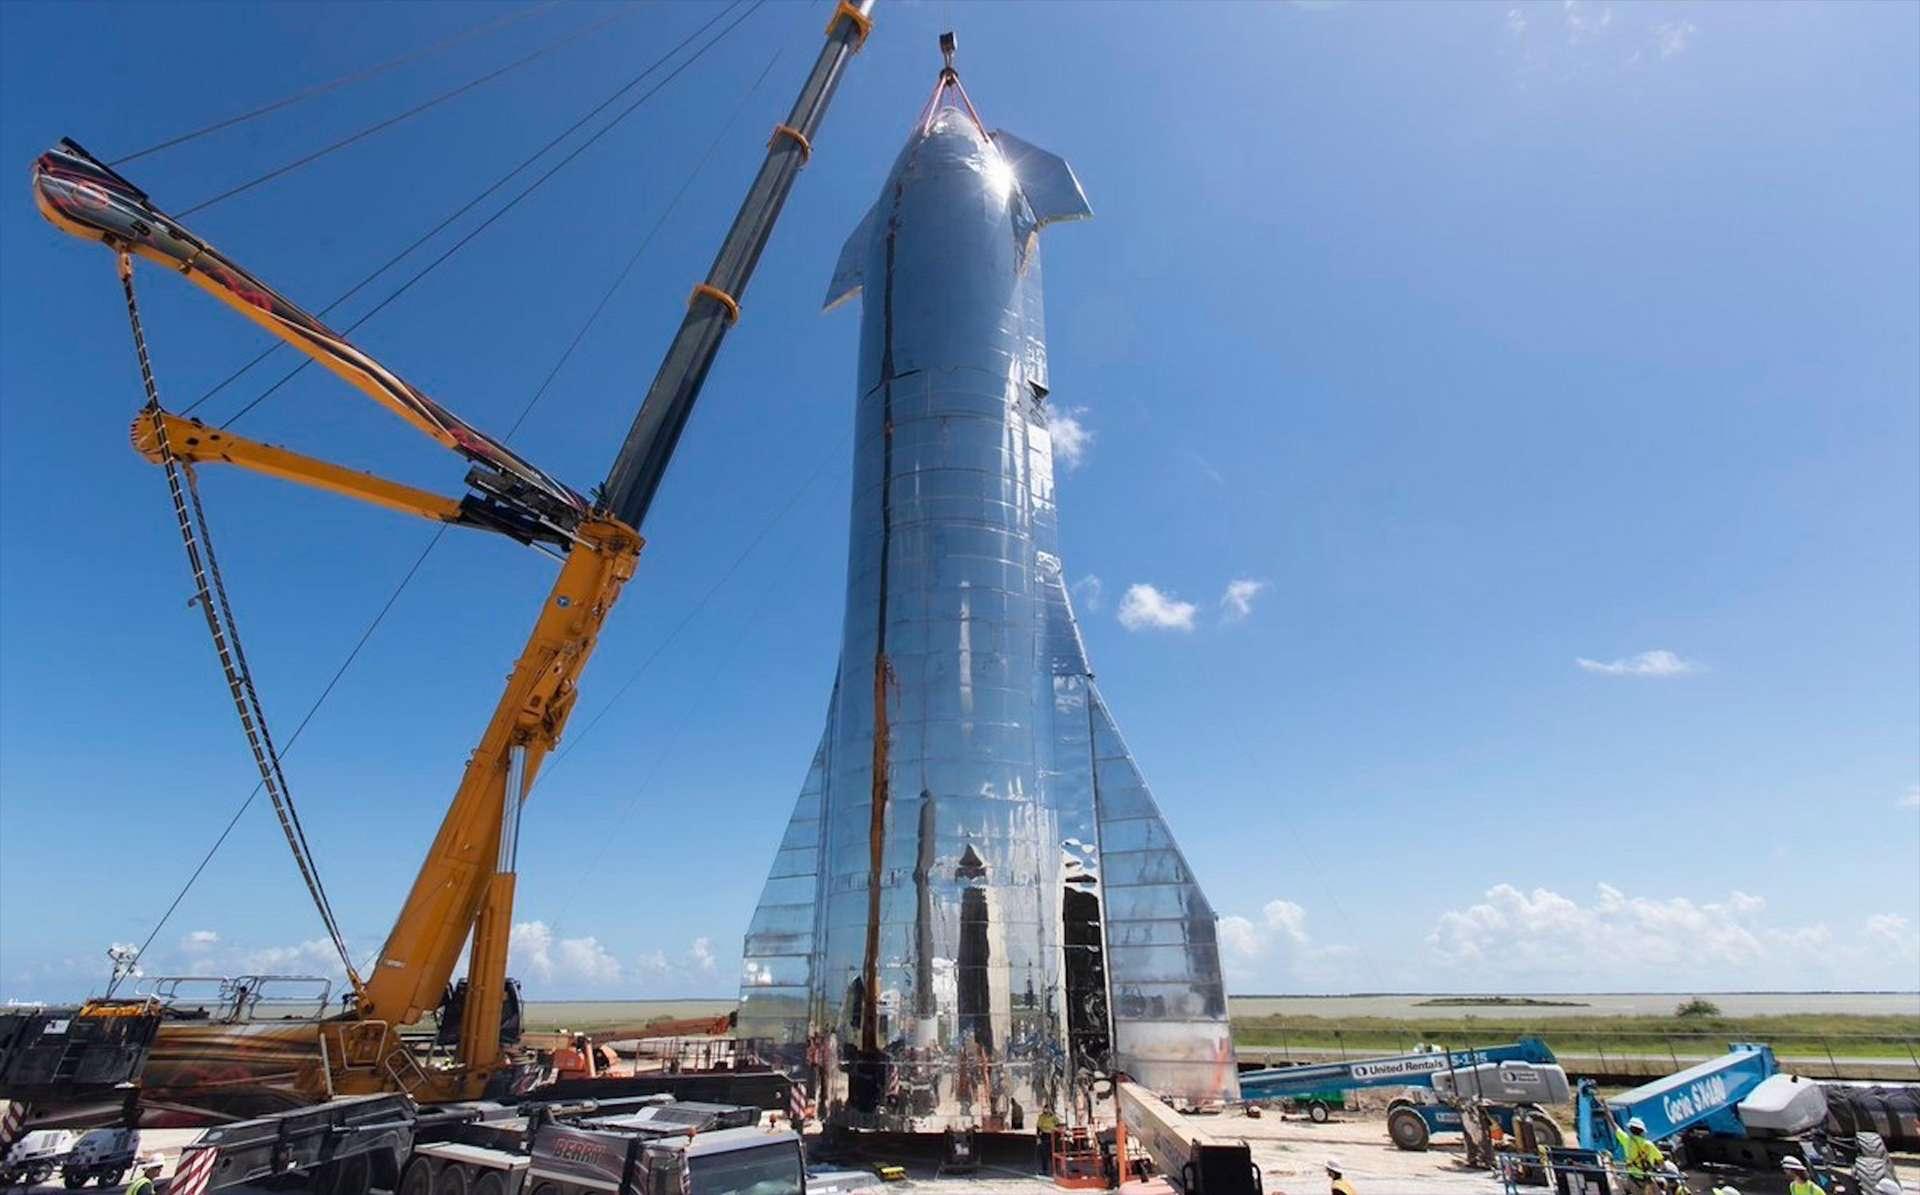 À Boca Chica, assemblage terminé de MK1, un des deux prototypes du futur lanceur Starship de SpaceX. © SpaceX, Elon Musk